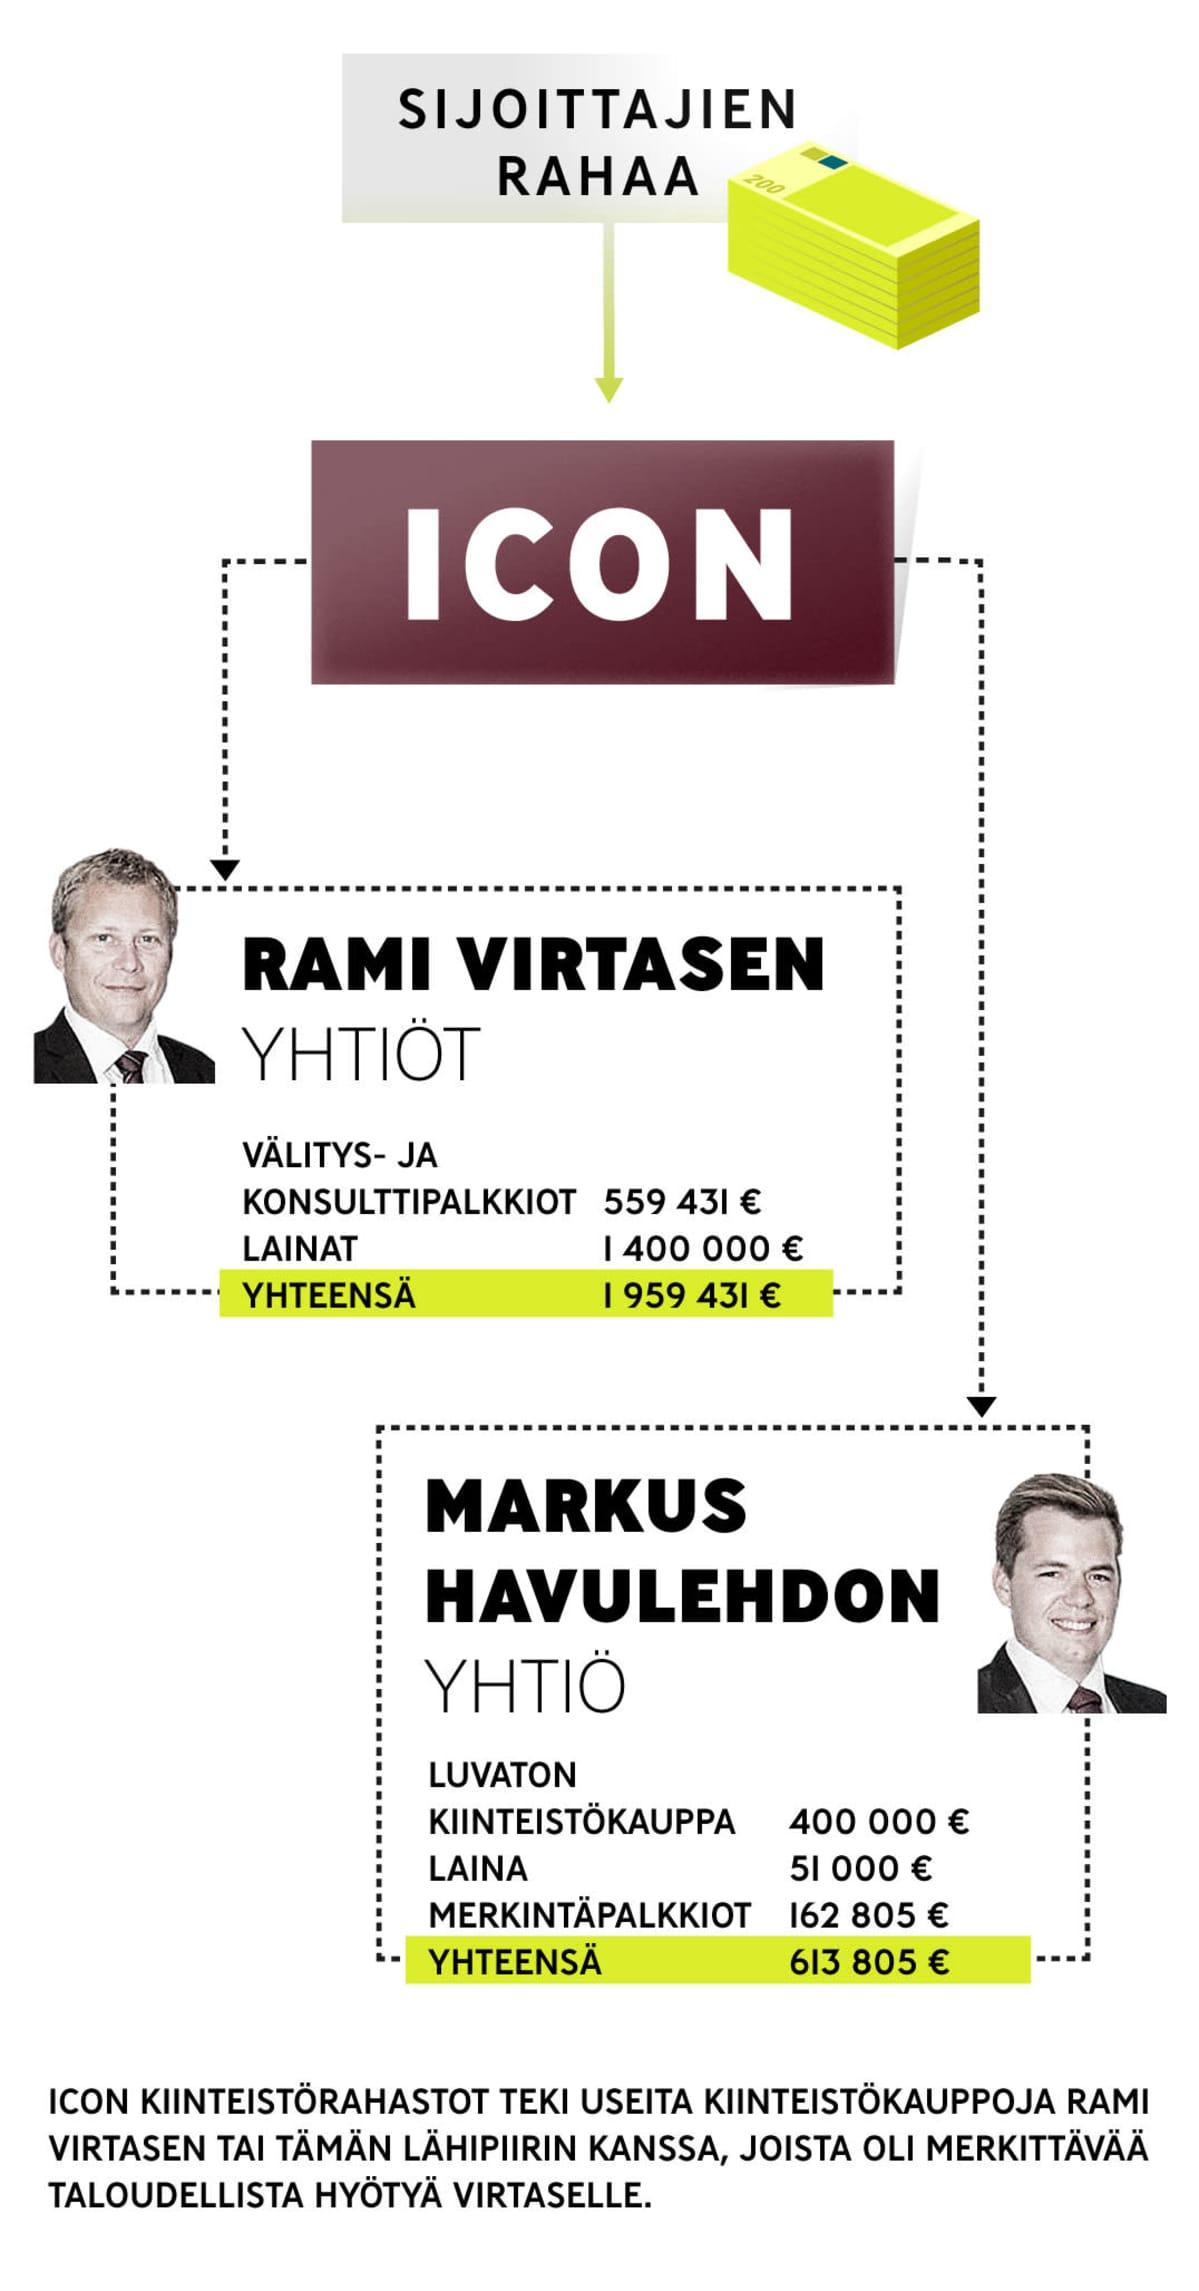 Infografiikka: miten sijoittajien rahat valuivat Icon-yhtiön kautta Rami Virtasen ja Markus Havulehdon yhtiöihin.